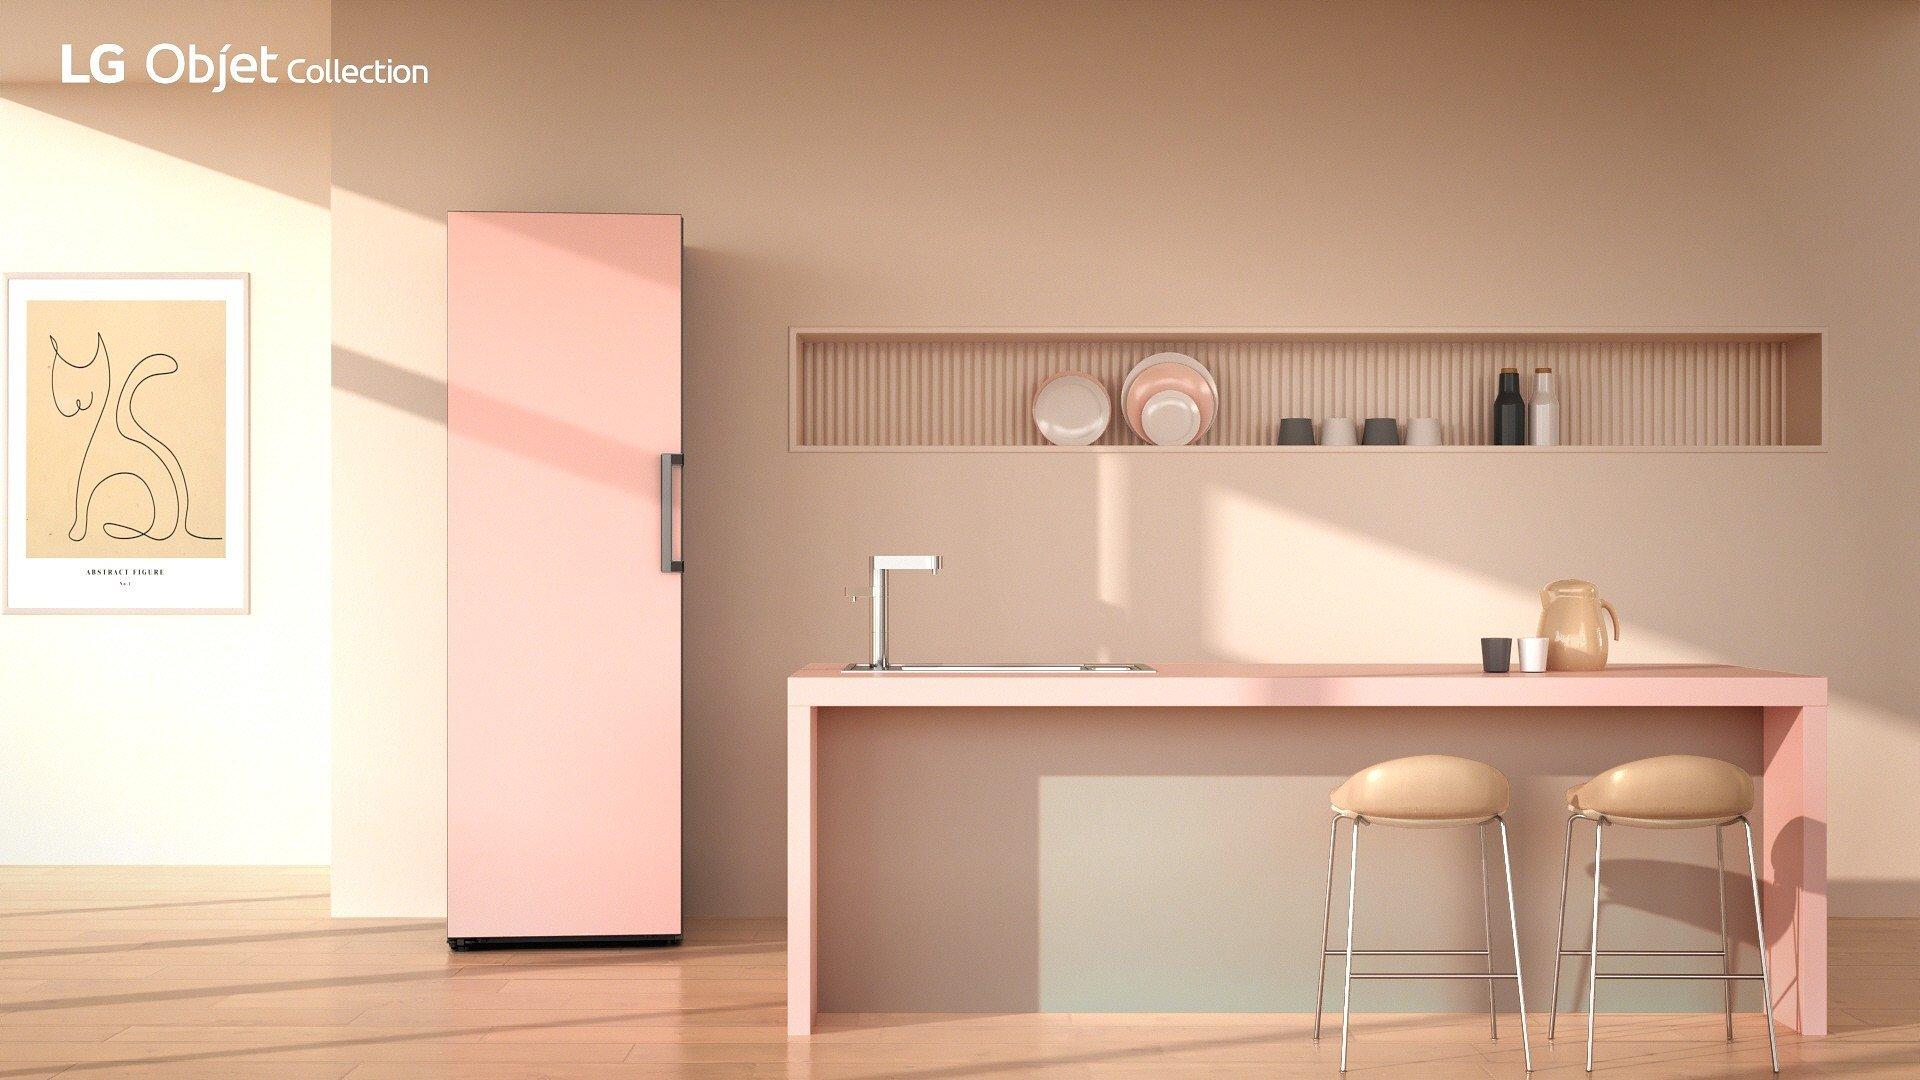 LG Objet Collection to zapowiedź światowego trendu personalizacji urządzeń domowych